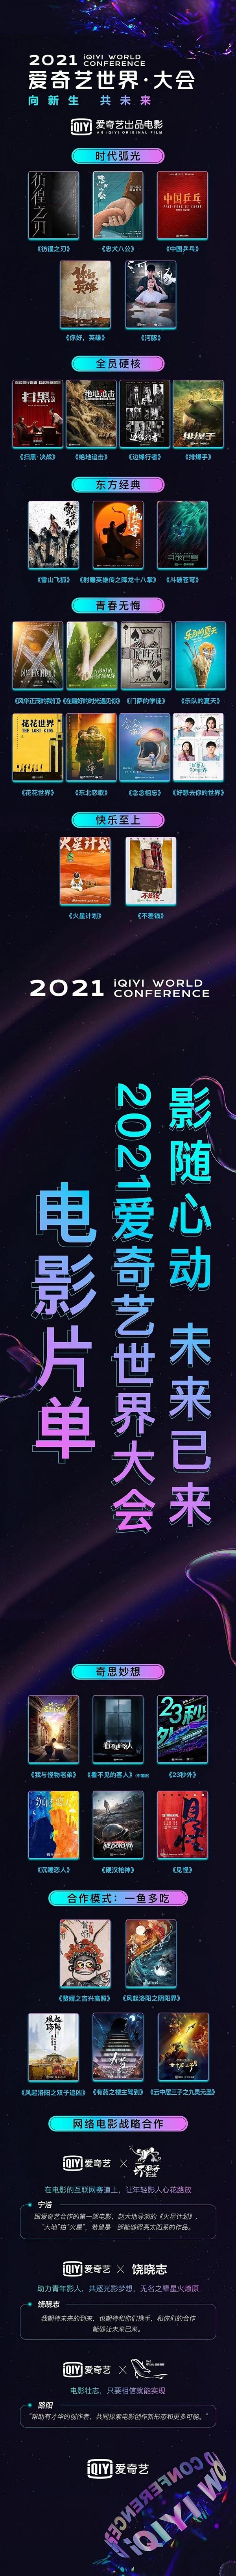 爱奇艺出品 喜剧动作电影《不差钱》来了:小沈阳自导自演